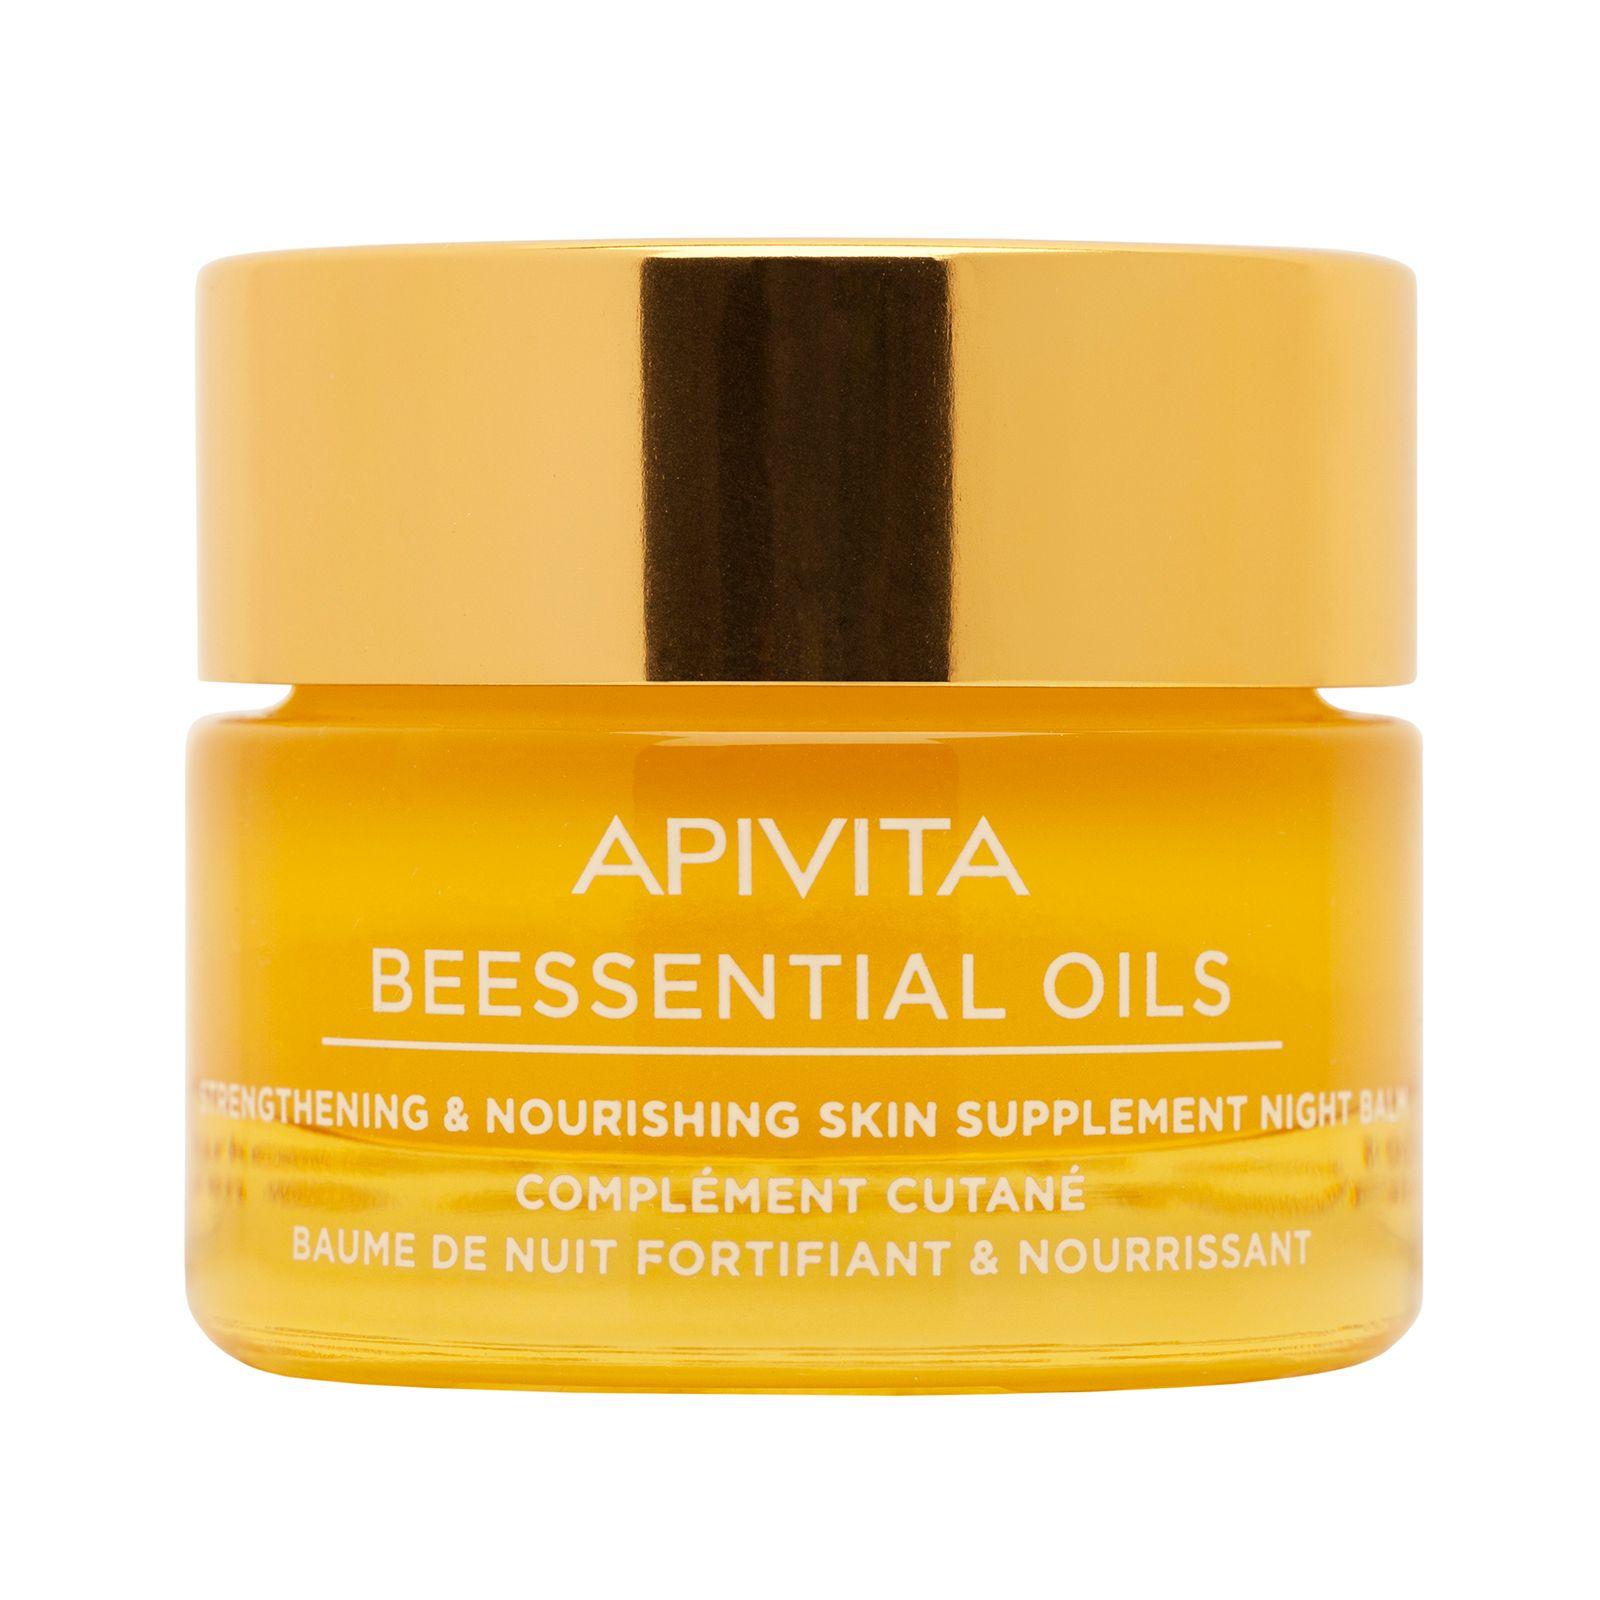 Image of APIVITA BEESSENTIAL OILS Serum